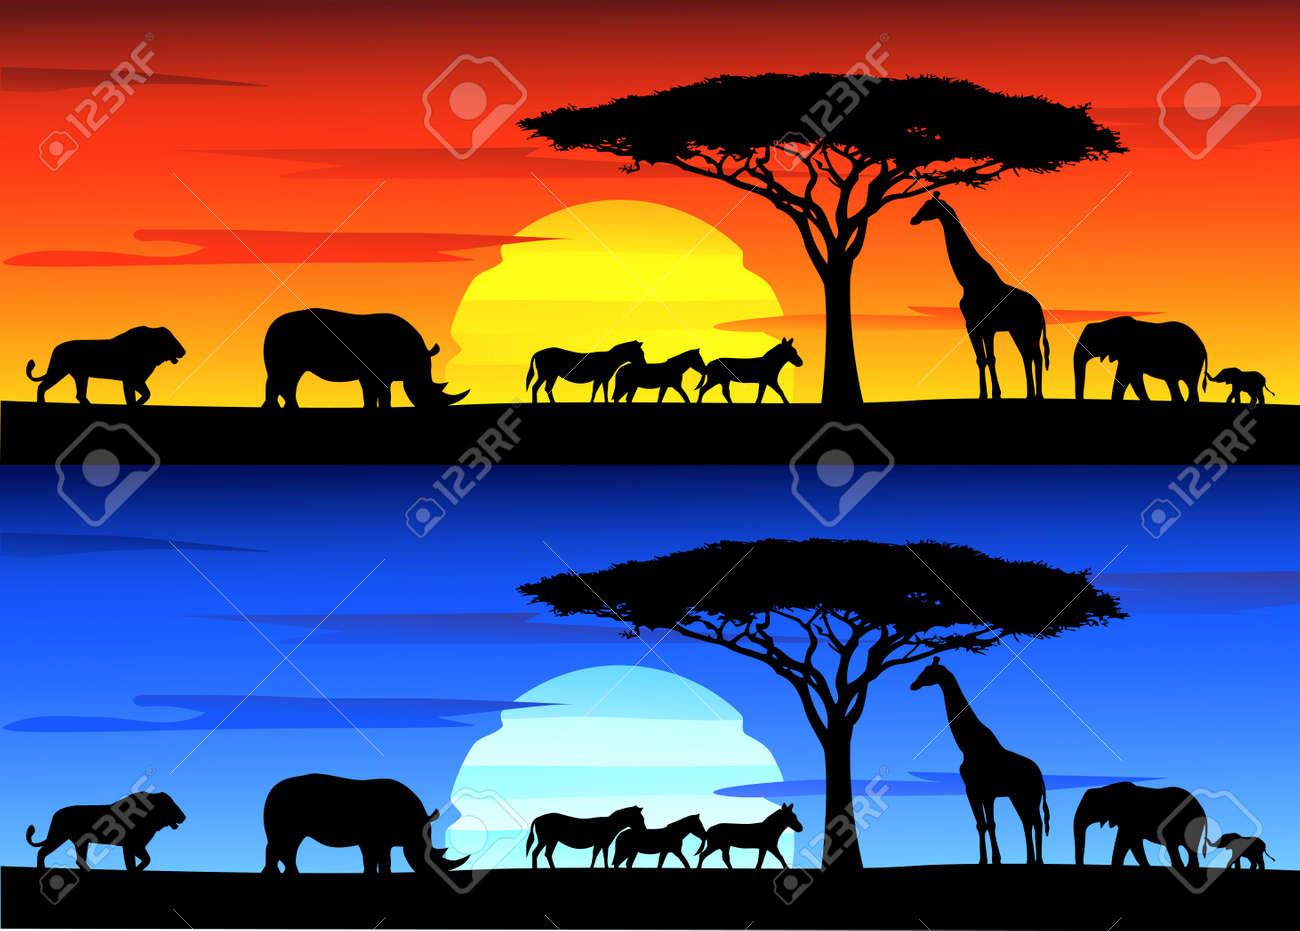 Beautiful sunset background on Africa wildlife - 14662171